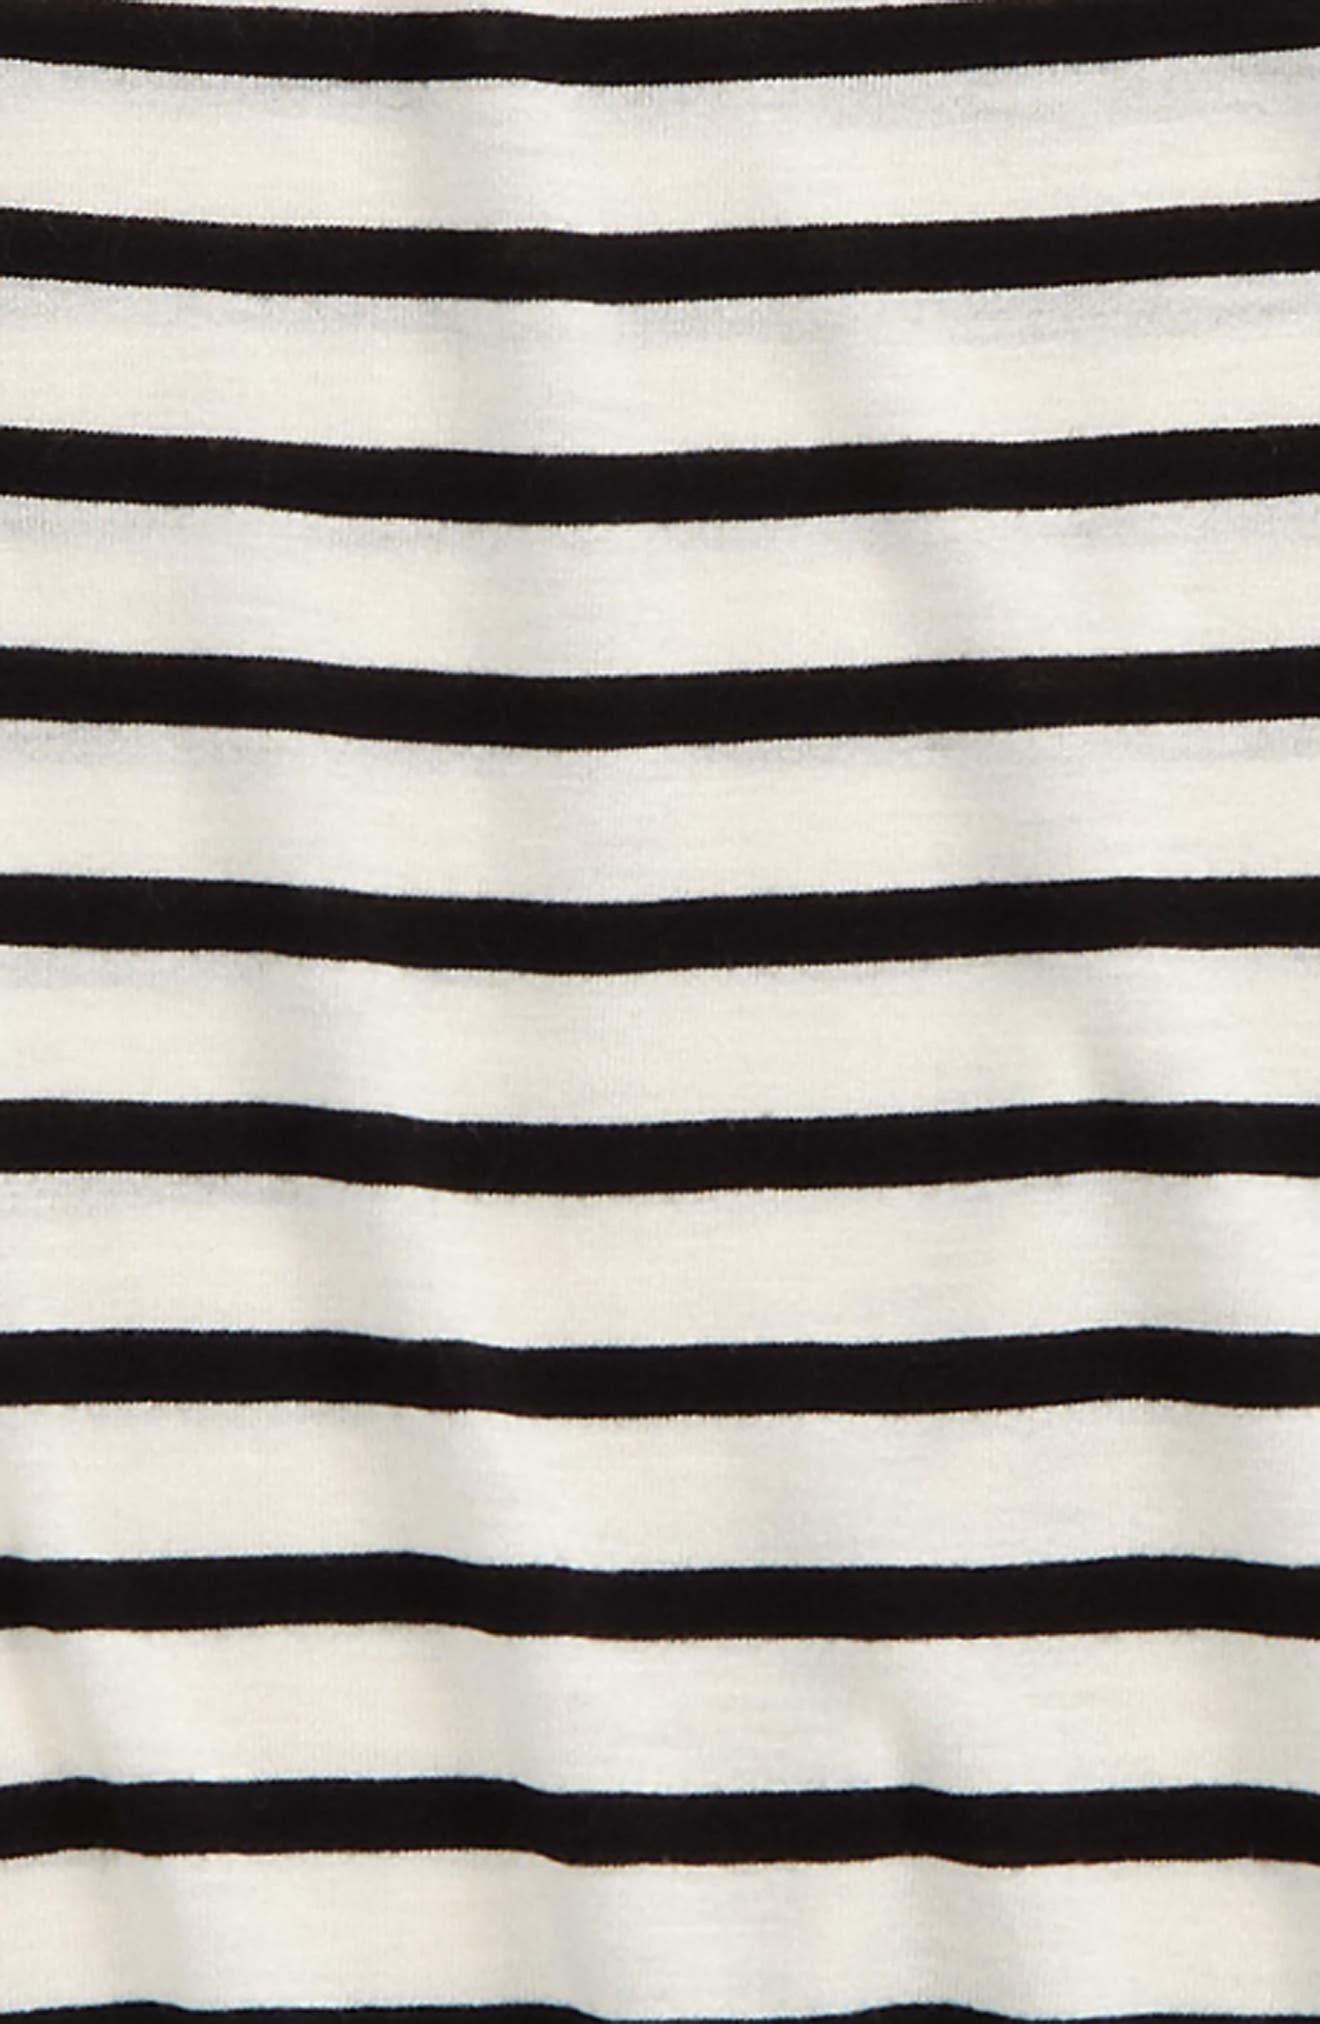 Bell Sleeve Tee,                             Alternate thumbnail 2, color,                             Ivory Egret- Black Stripe